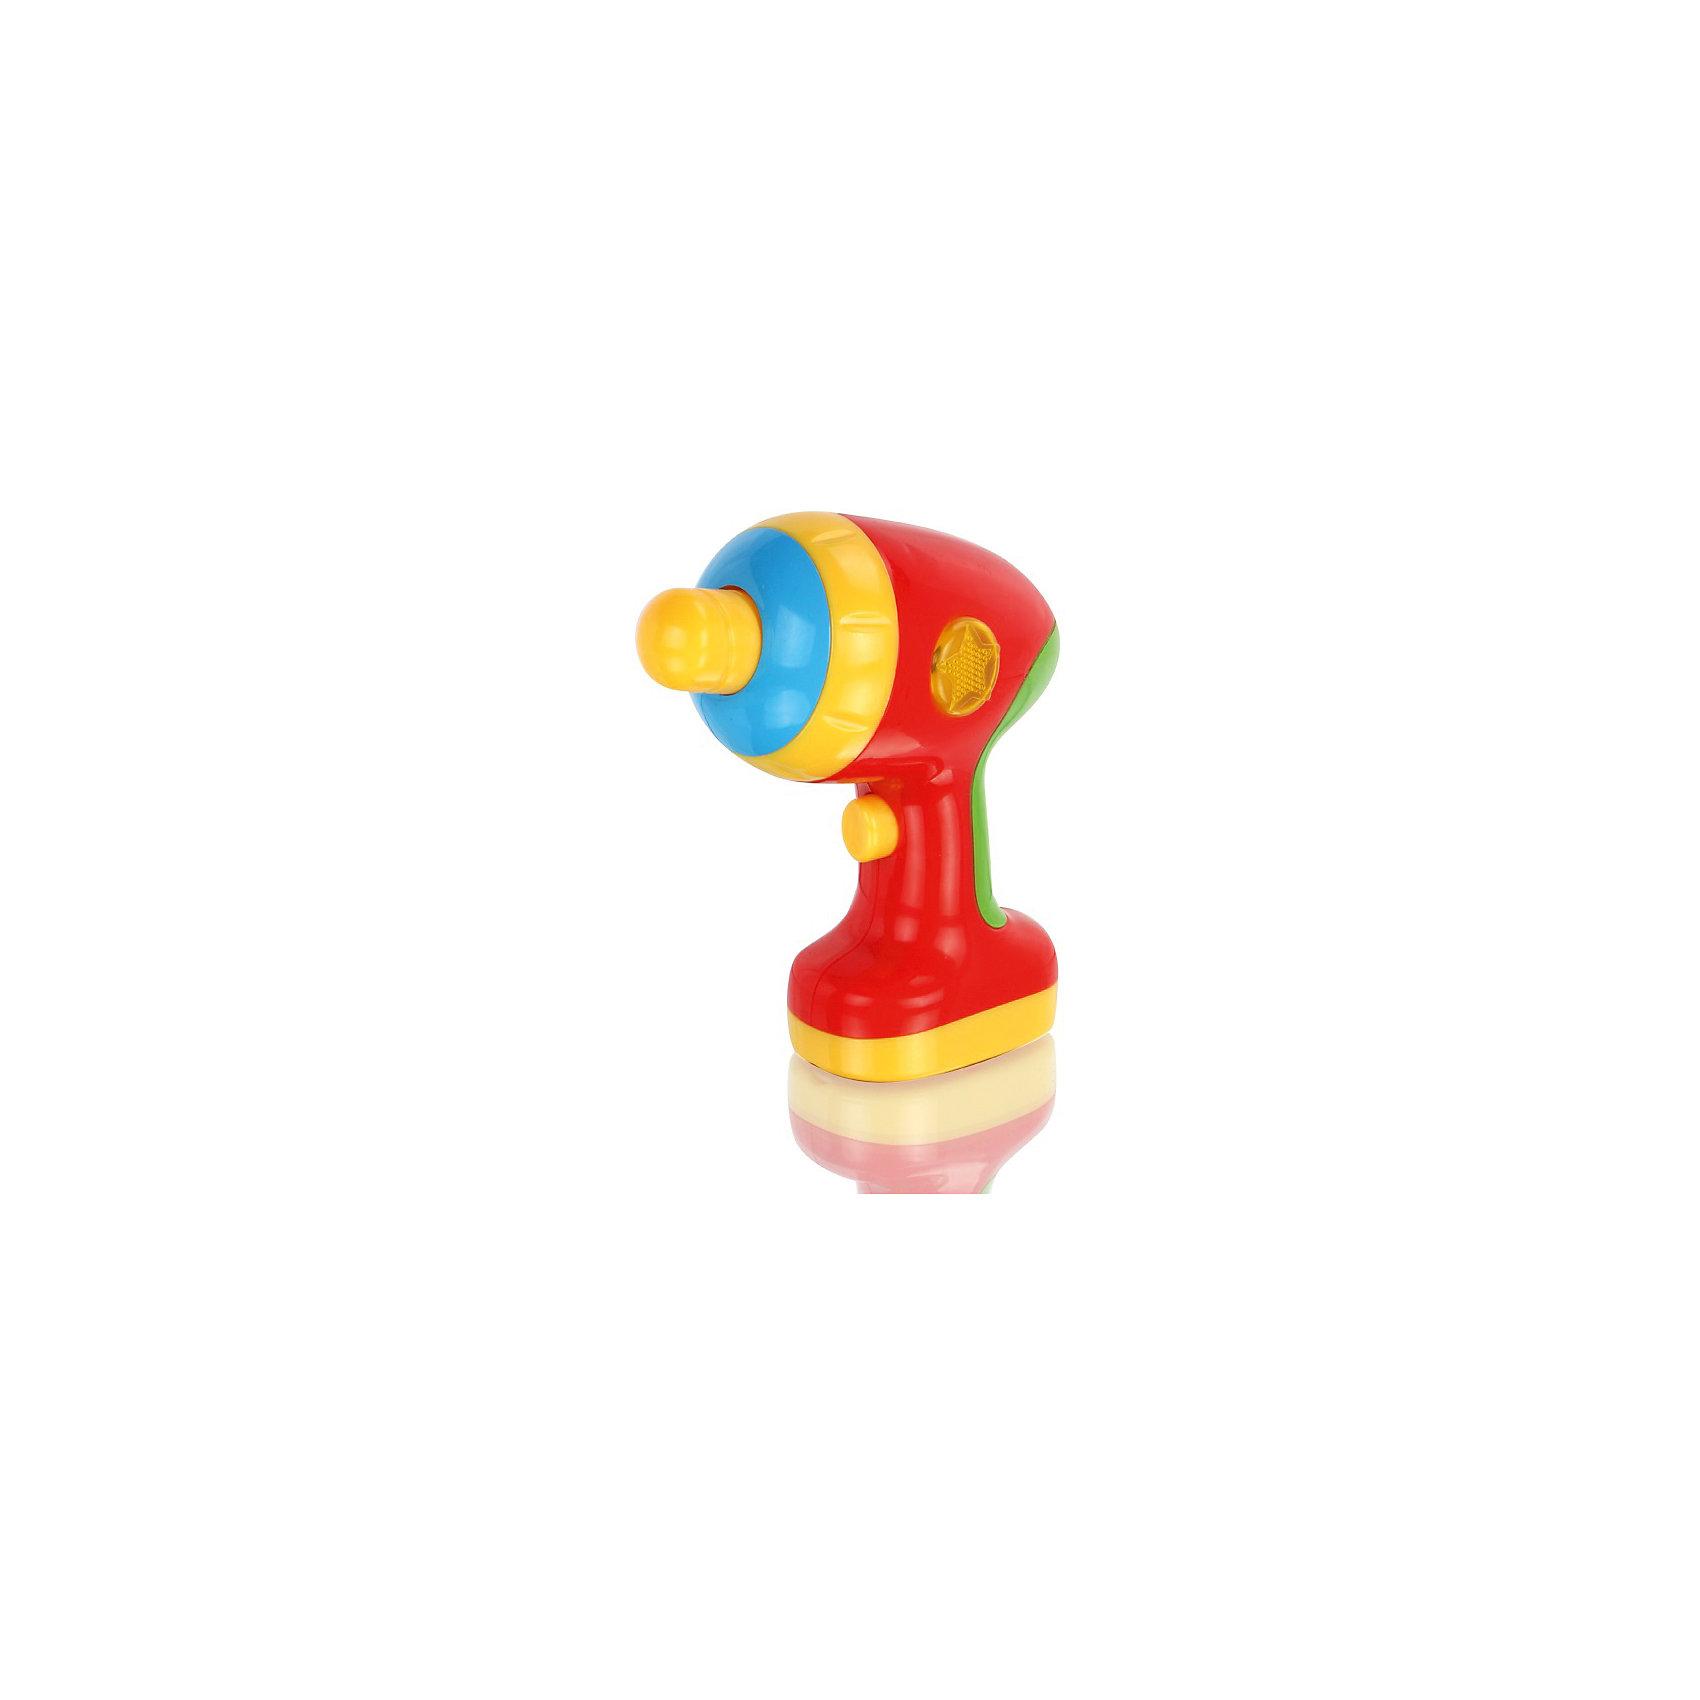 Игрушка Дрель, со звуком, МалышарикиСюжетно-ролевые игры<br>Игрушка Дрель, со звуком, Малышарики<br><br>Характеристики:<br><br>• сверло вращается<br>• световые и звуковые эффекты<br>• материал: пластик<br>• батарейки: ААА - 2 шт. (в комплекте не входят)<br>• размер дрели: 14х7х13,5 см<br>• размер упаковки: 15х23х8 см<br>• вес: 230 грамм<br><br>Игрушечная дрель пригодится каждому юному помощнику. Она поможет ребенку придумать веселую игру, подражая родителям. Сверло дрели крутится, а сама дрель издает при этом веселые звуки. Световые и звуковые эффекты точно не позволят малышу заскучать! Игрушка изготовлена из безопасного пластика, края закруглены.<br><br>Игрушку Дрель, со звуком, Малышарики можно купить в нашем интернет-магазине.<br><br>Ширина мм: 150<br>Глубина мм: 80<br>Высота мм: 230<br>Вес г: 245<br>Возраст от месяцев: 12<br>Возраст до месяцев: 36<br>Пол: Мужской<br>Возраст: Детский<br>SKU: 4342856